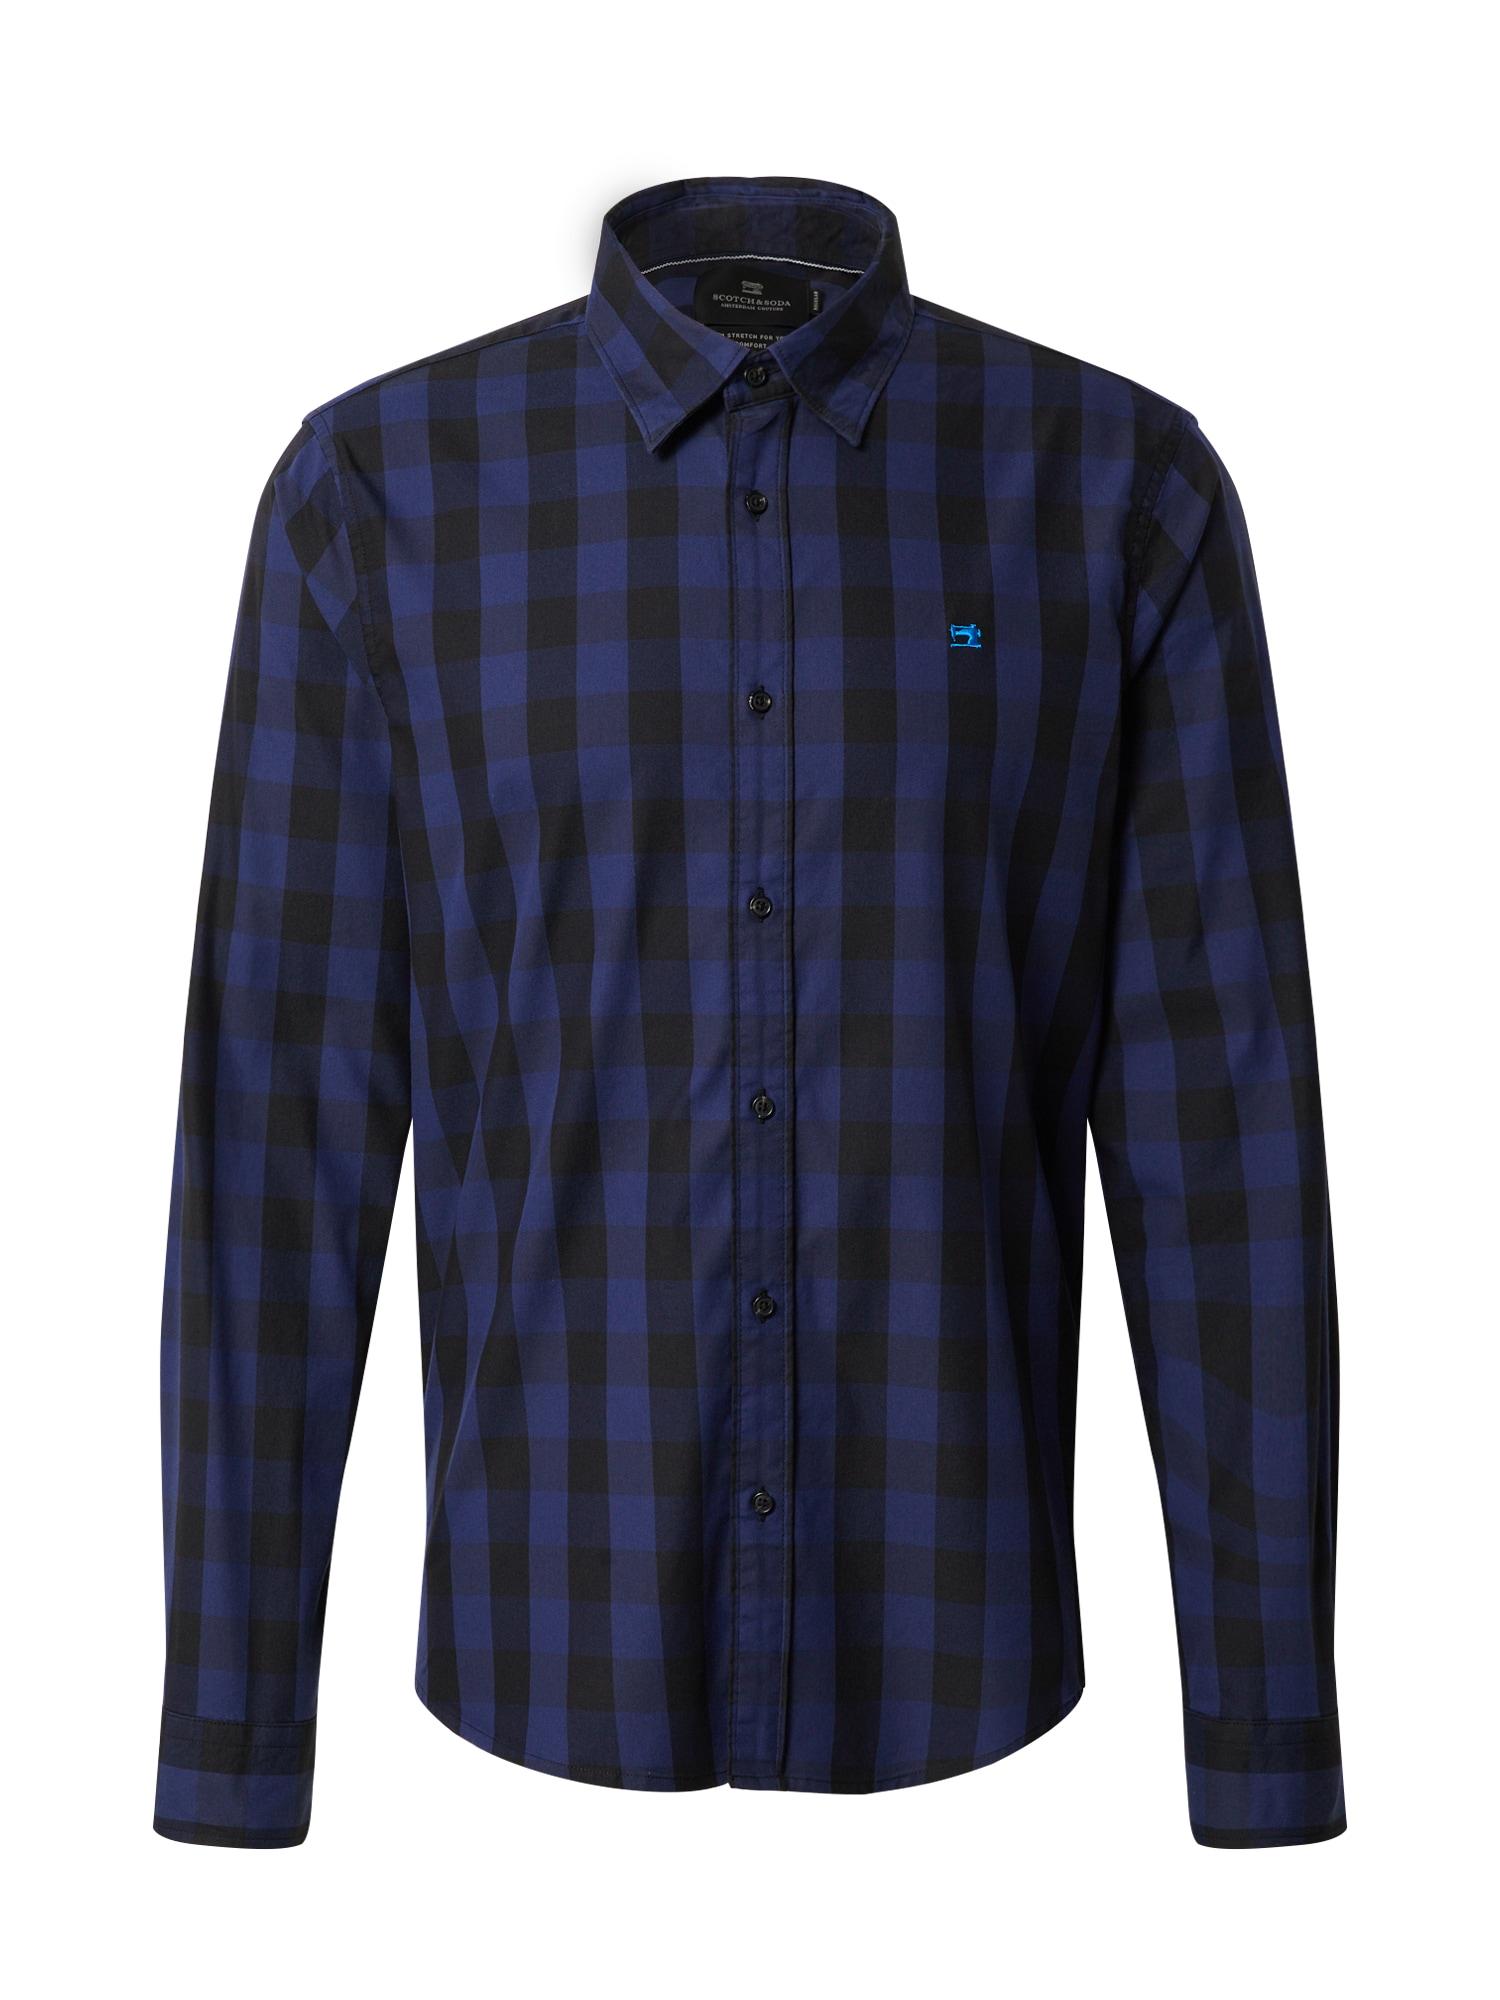 SCOTCH & SODA Marškiniai mėlyna / juoda / margai pilka